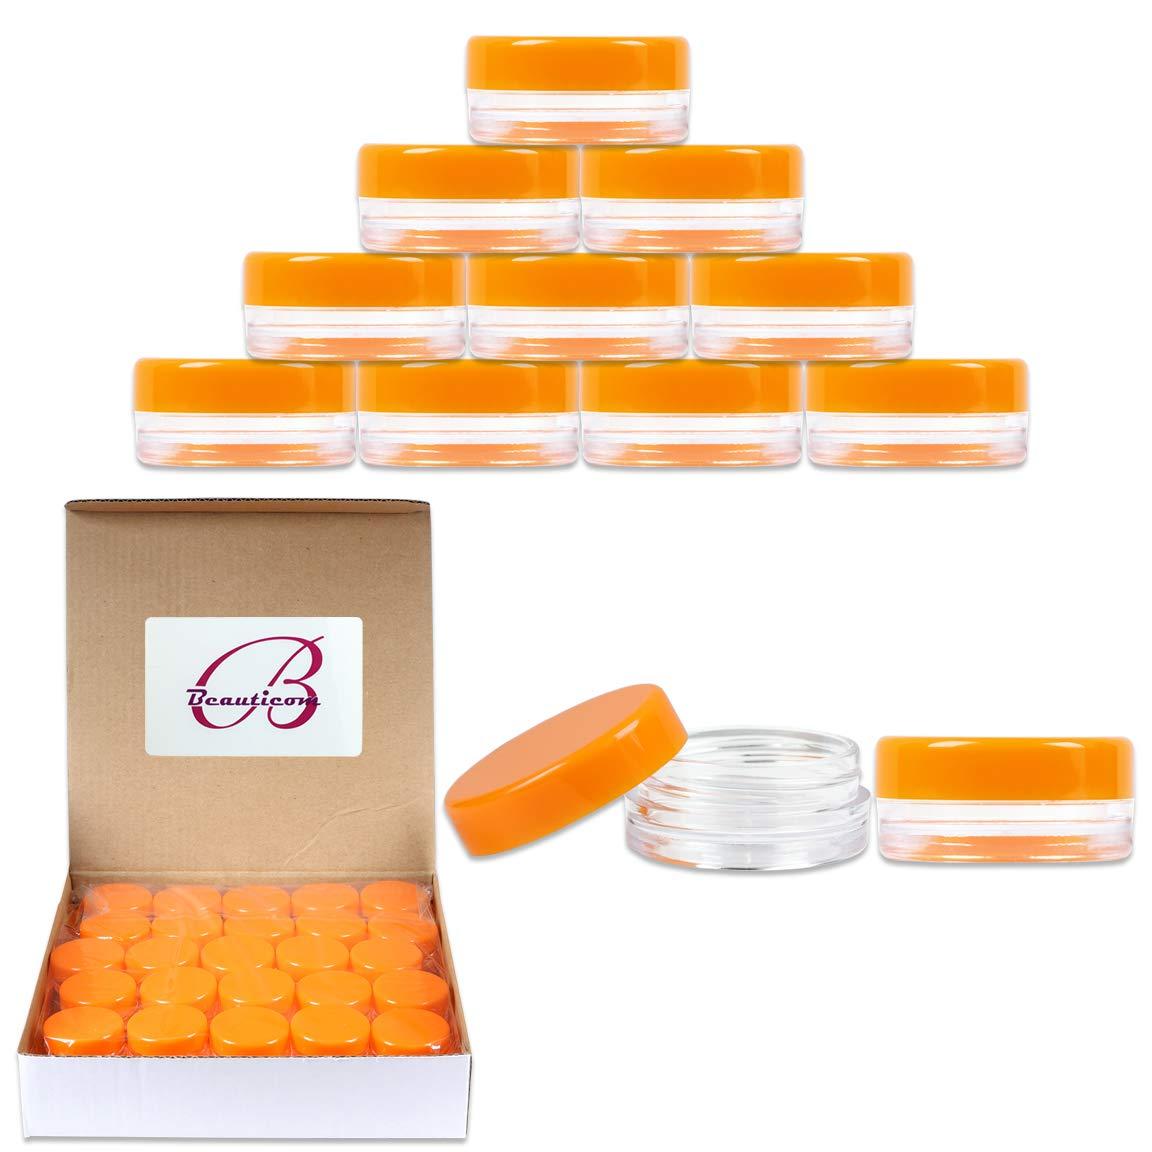 Amazon.com: 50 tarros de plástico pequeño de 0.11 oz/3 ml de ...